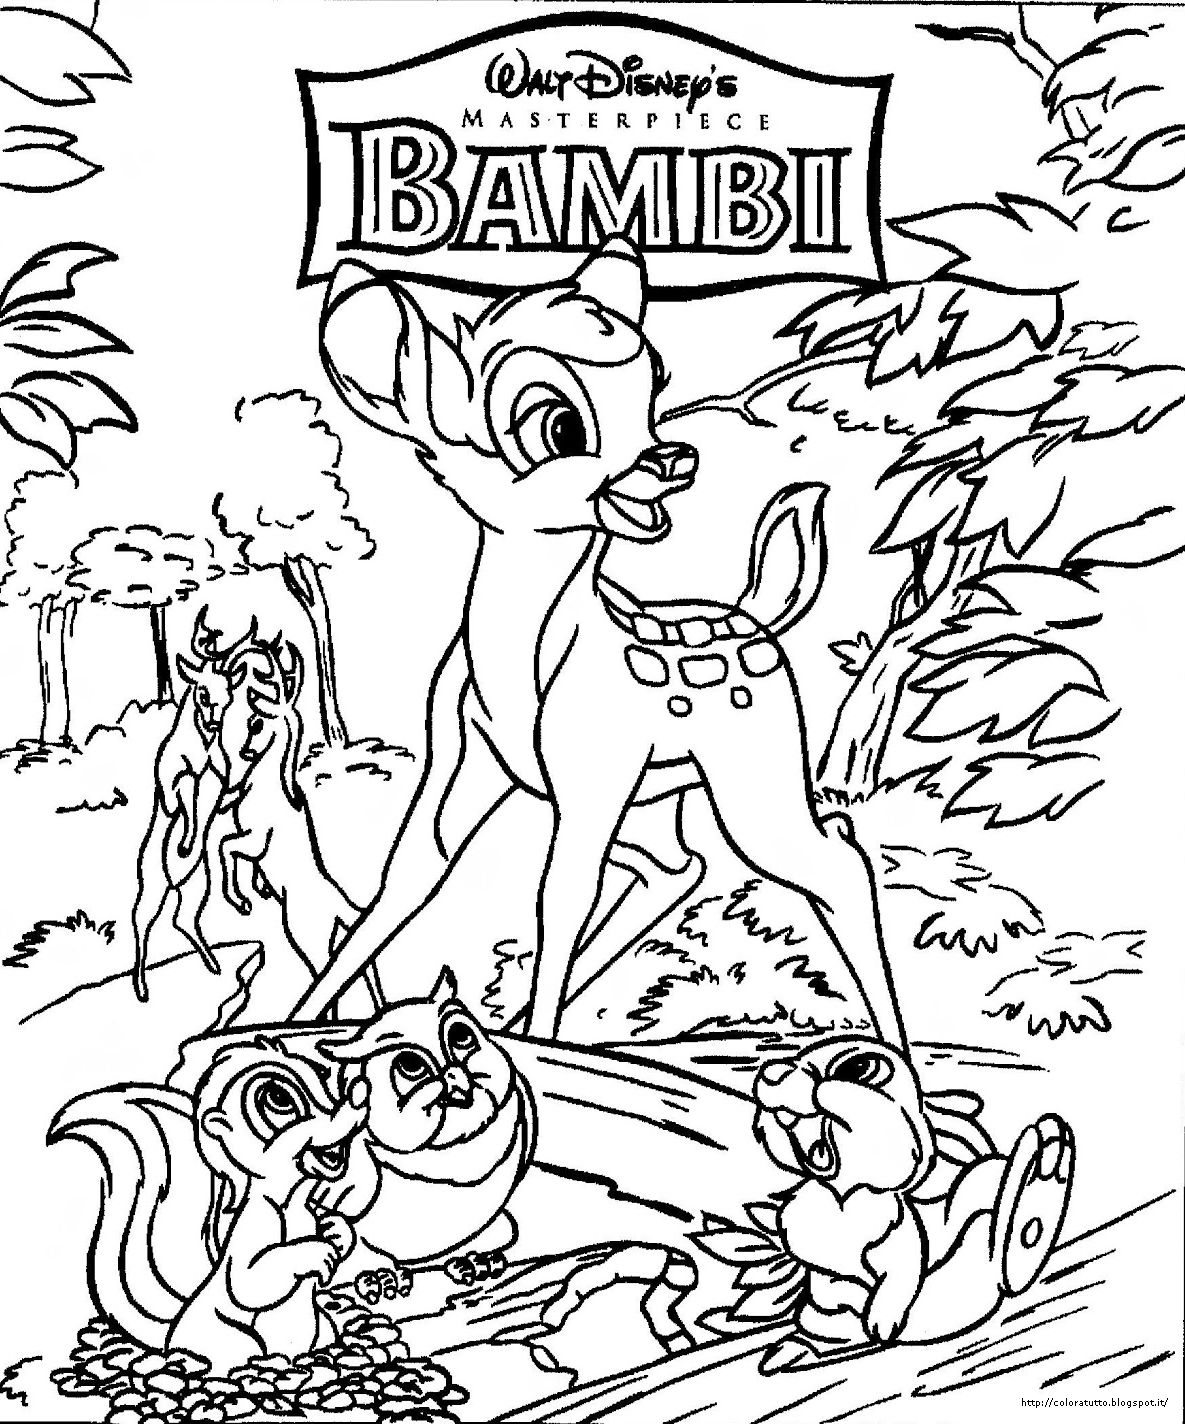 Bambi disegno da colorare n 1 for Disegni da colorare walt disney